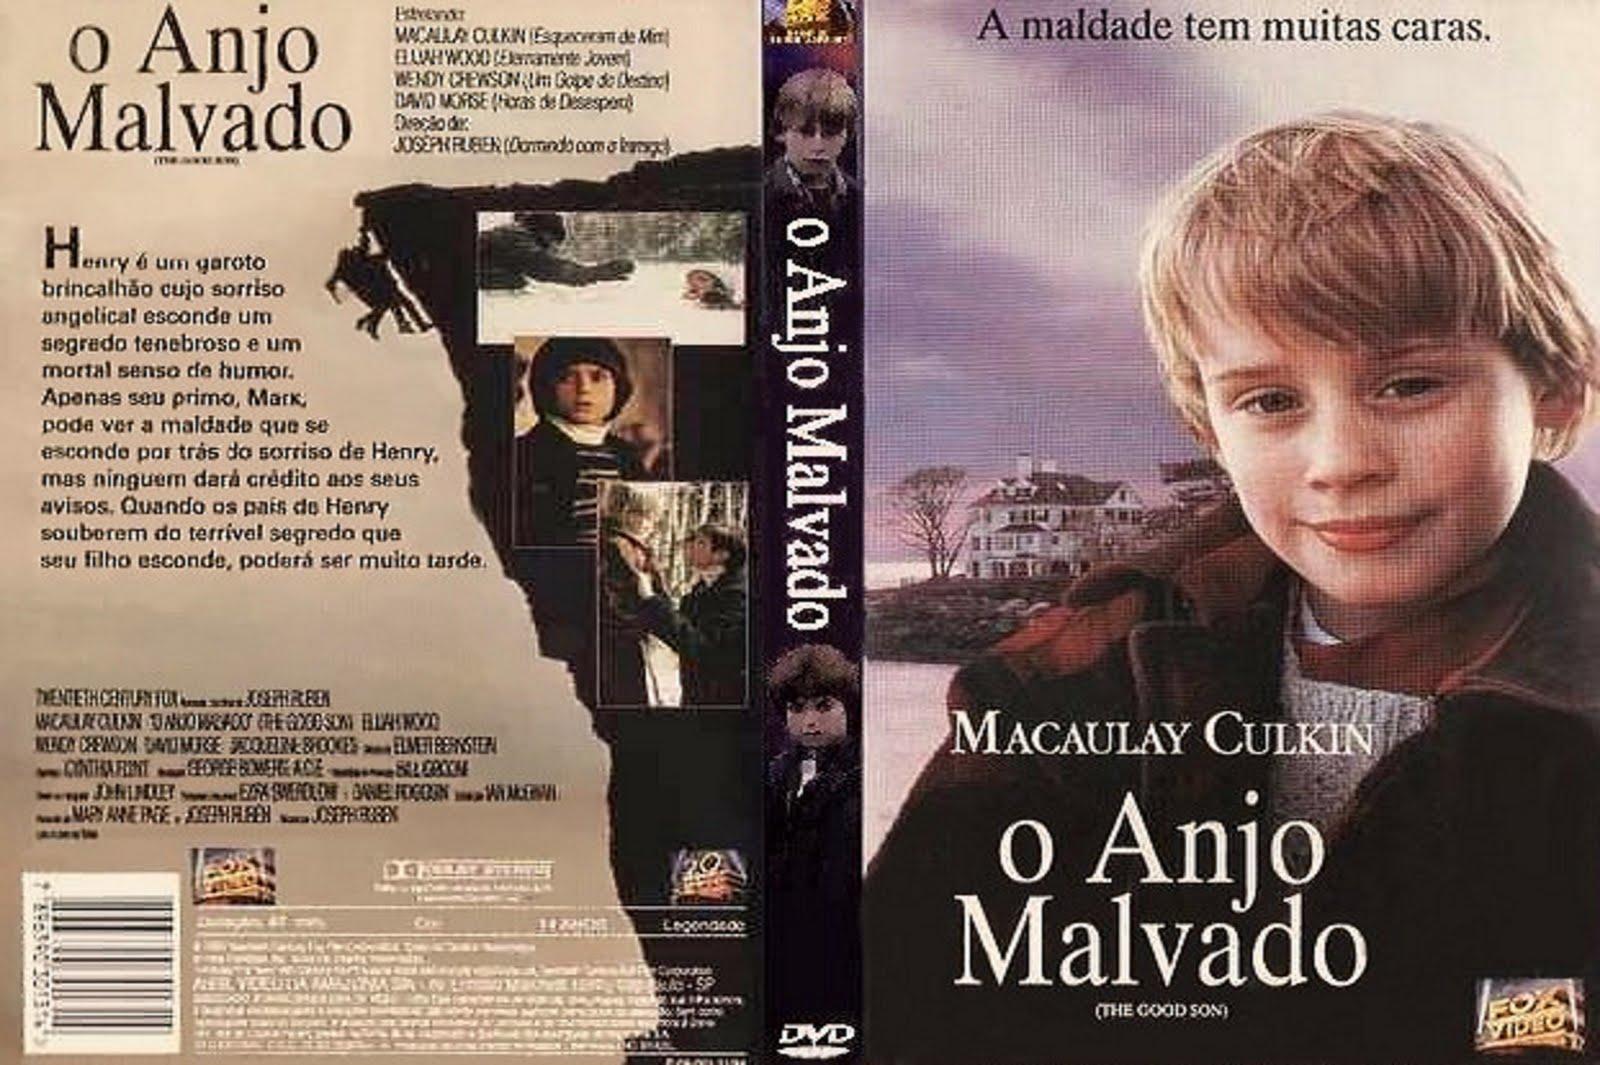 http://1.bp.blogspot.com/_56N_enXK-4o/TEcoEHYfFBI/AAAAAAAAANU/5RjAXok_uZg/s1600/O-Anjo-Malvado.jpg